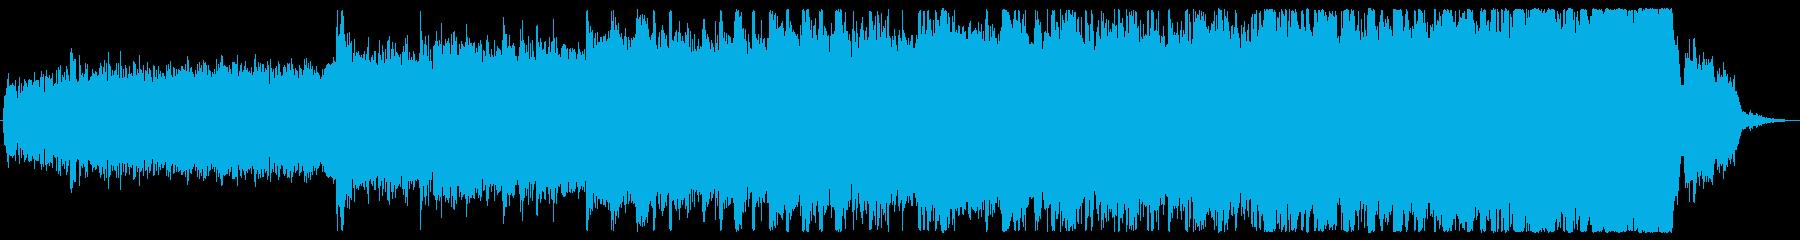 クラシック 交響曲 広い 壮大 ド...の再生済みの波形